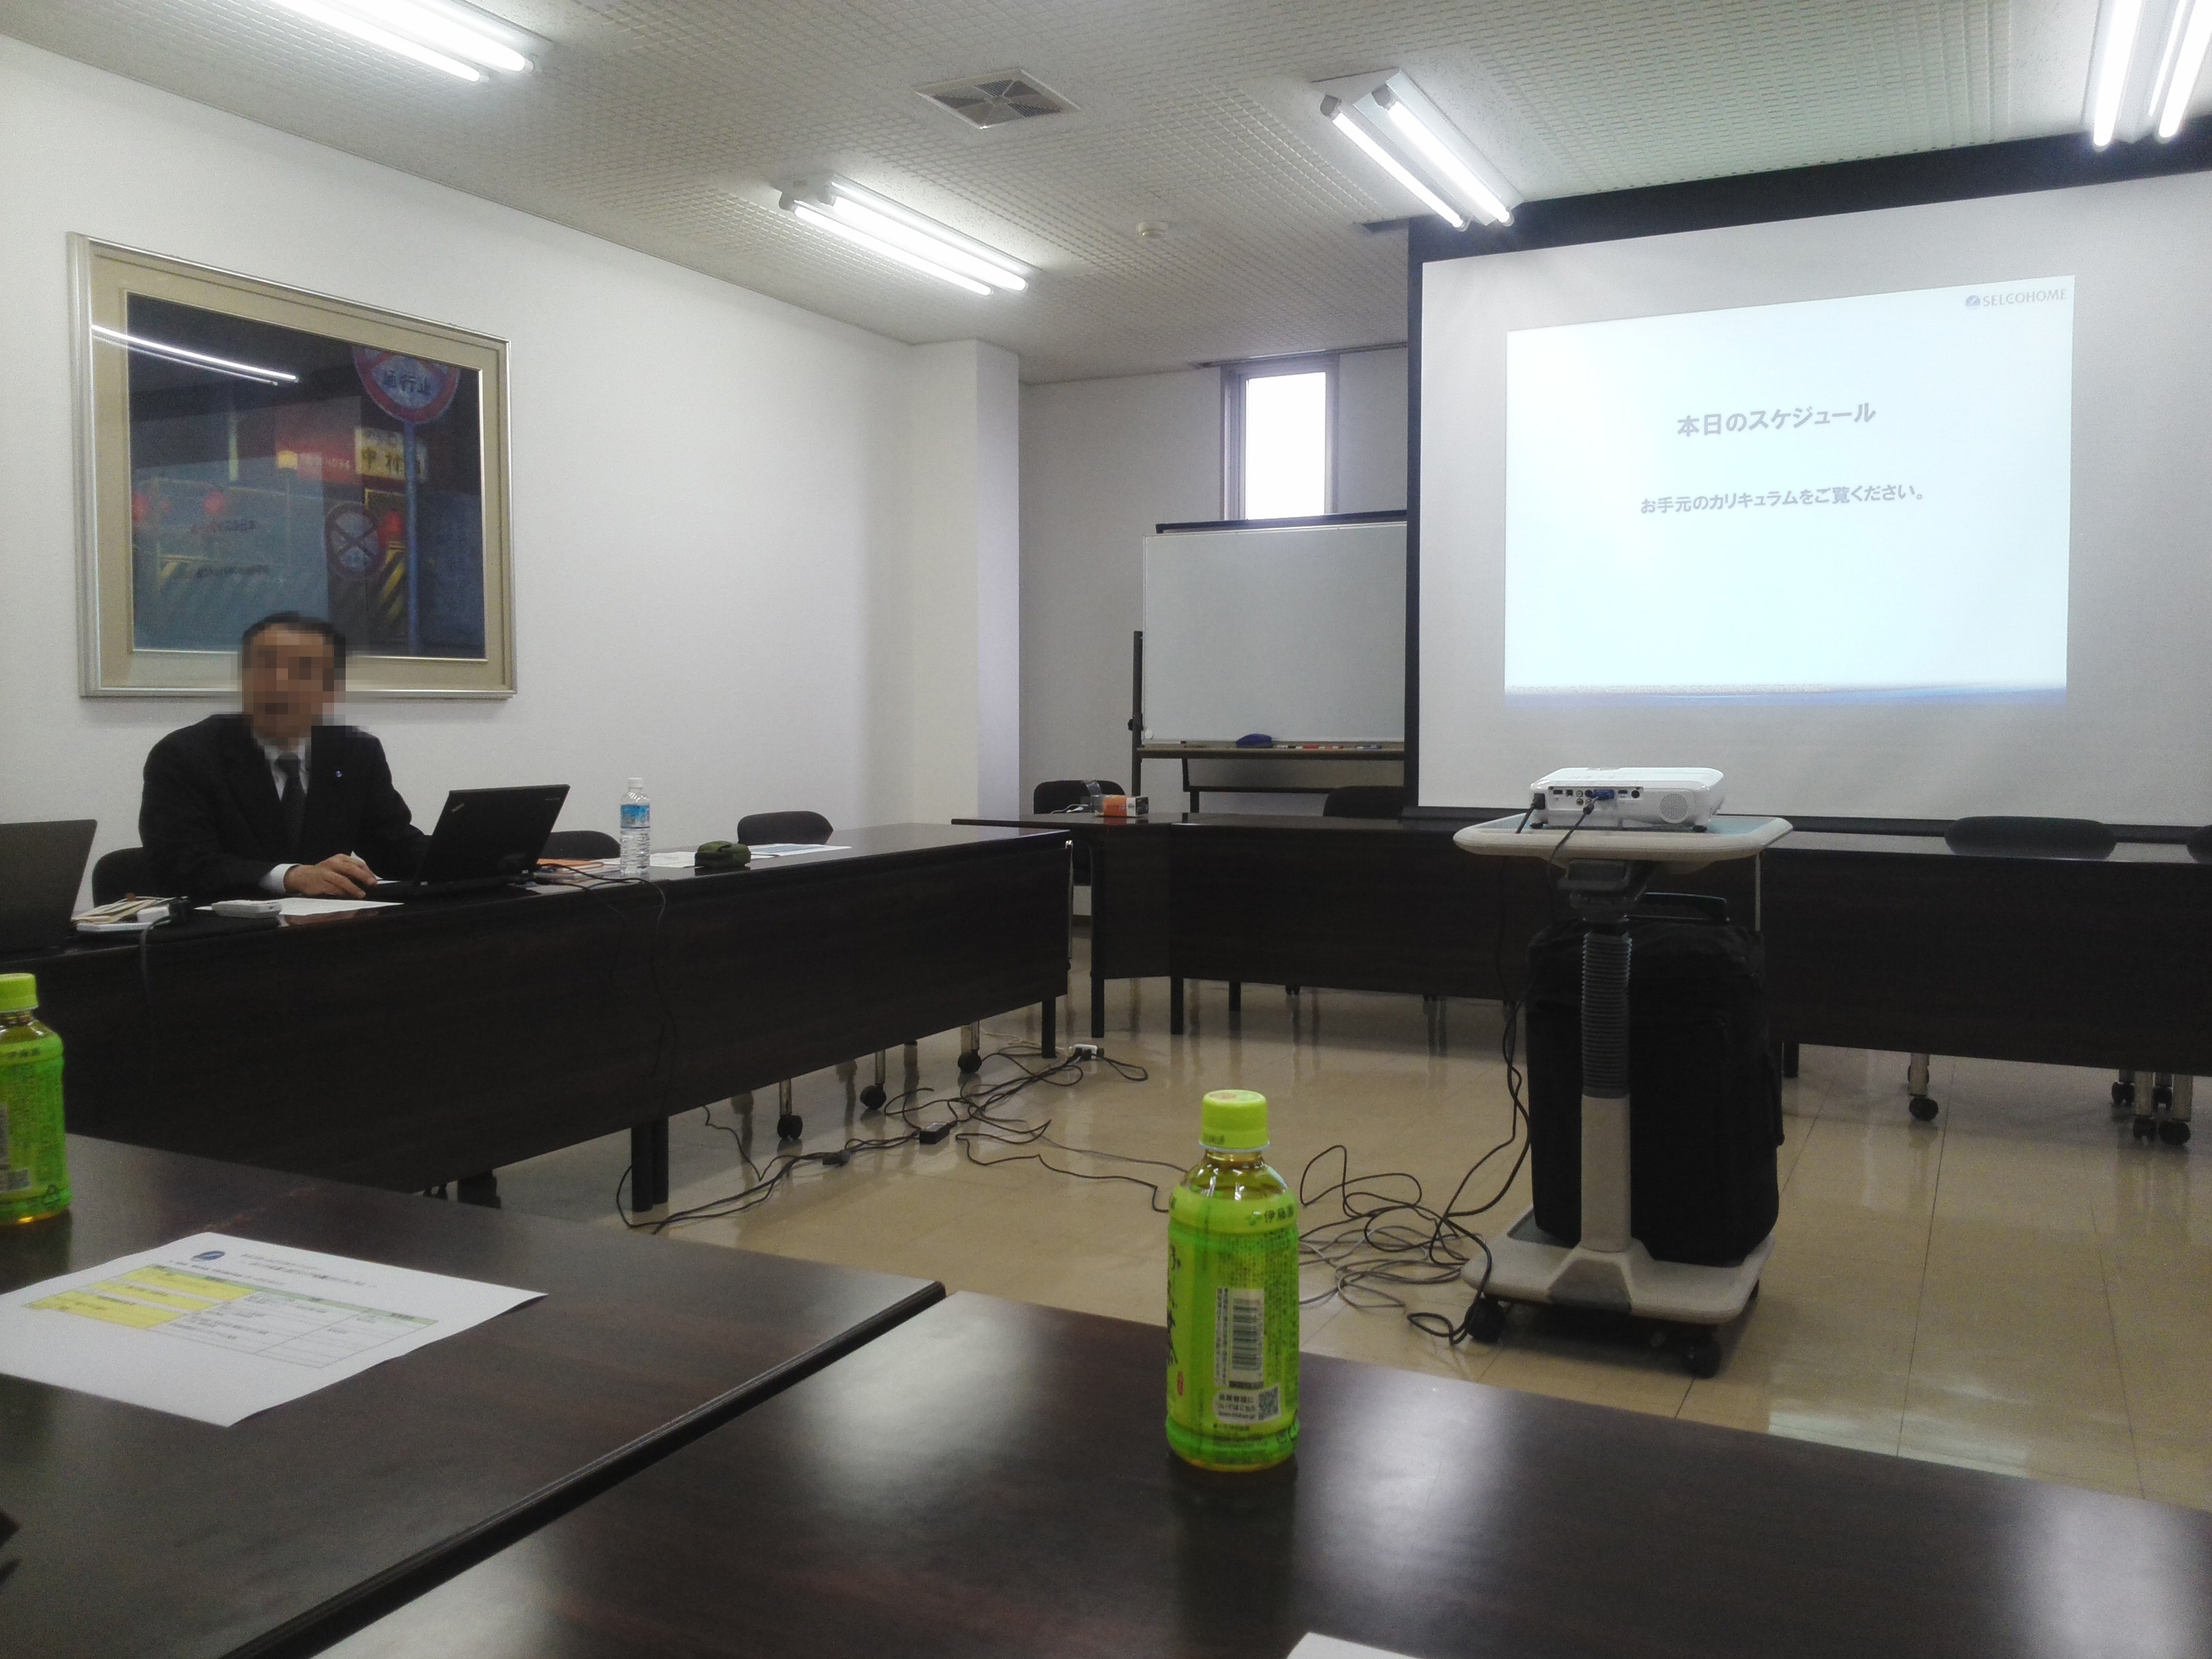 セルコホーム会議